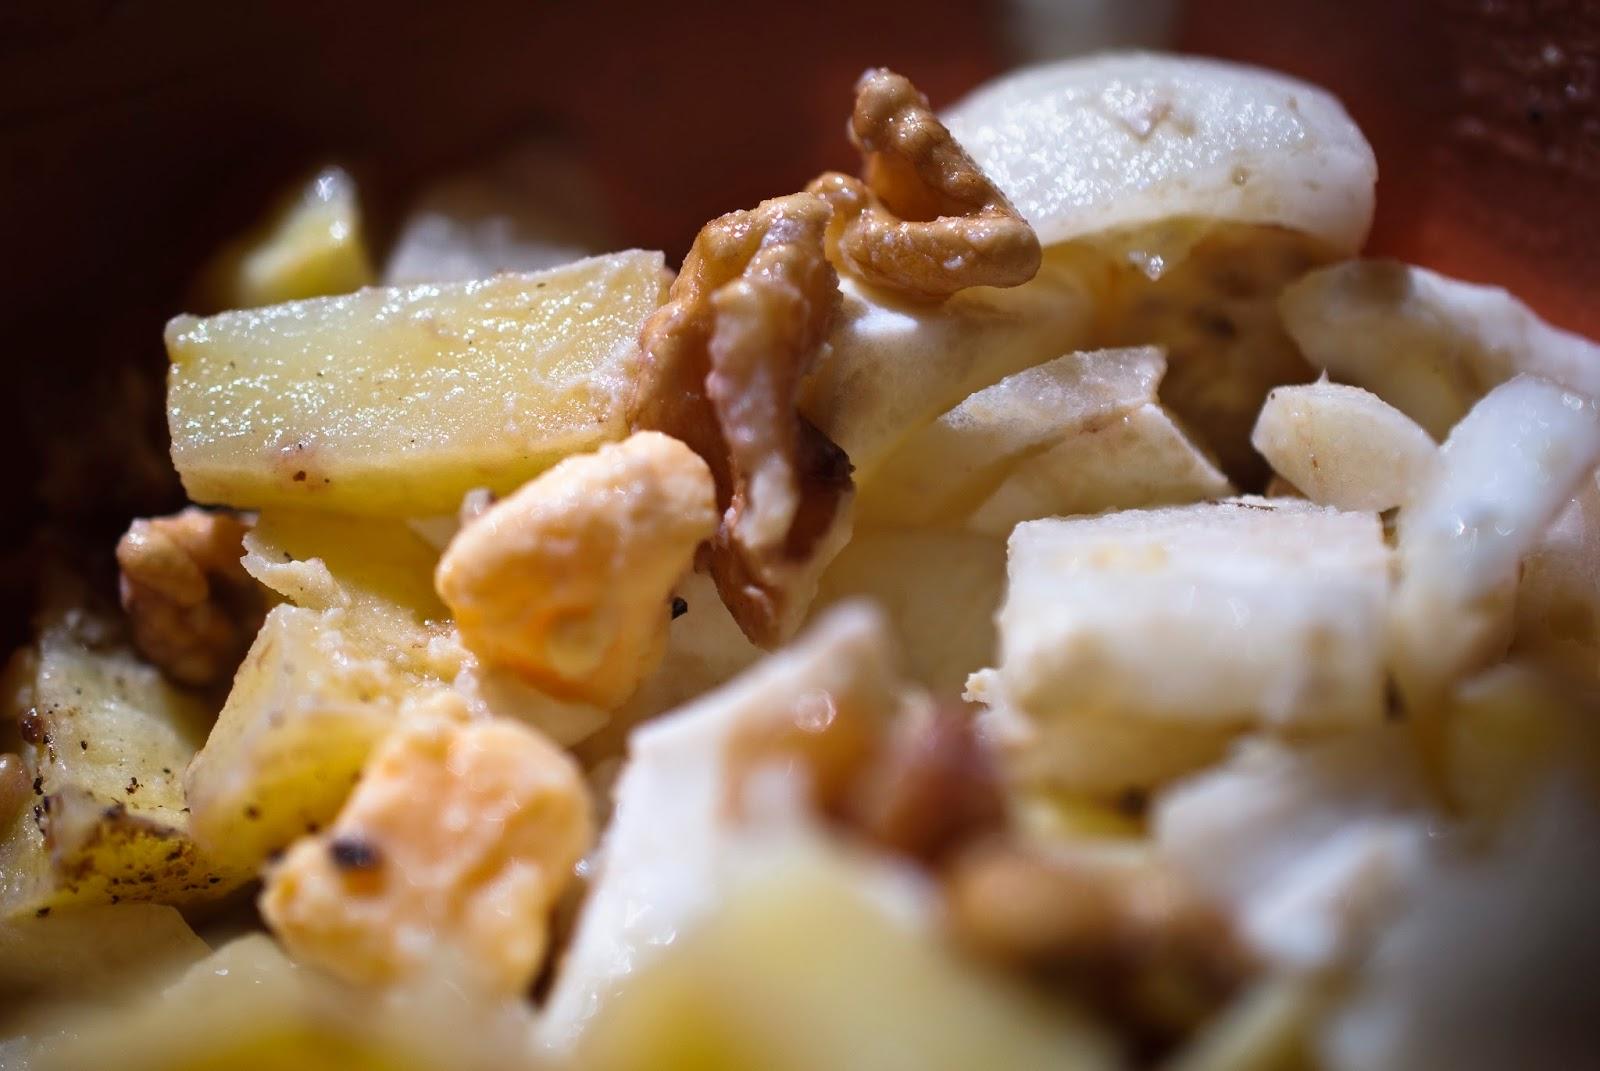 Ensalada patata cebolla nueces